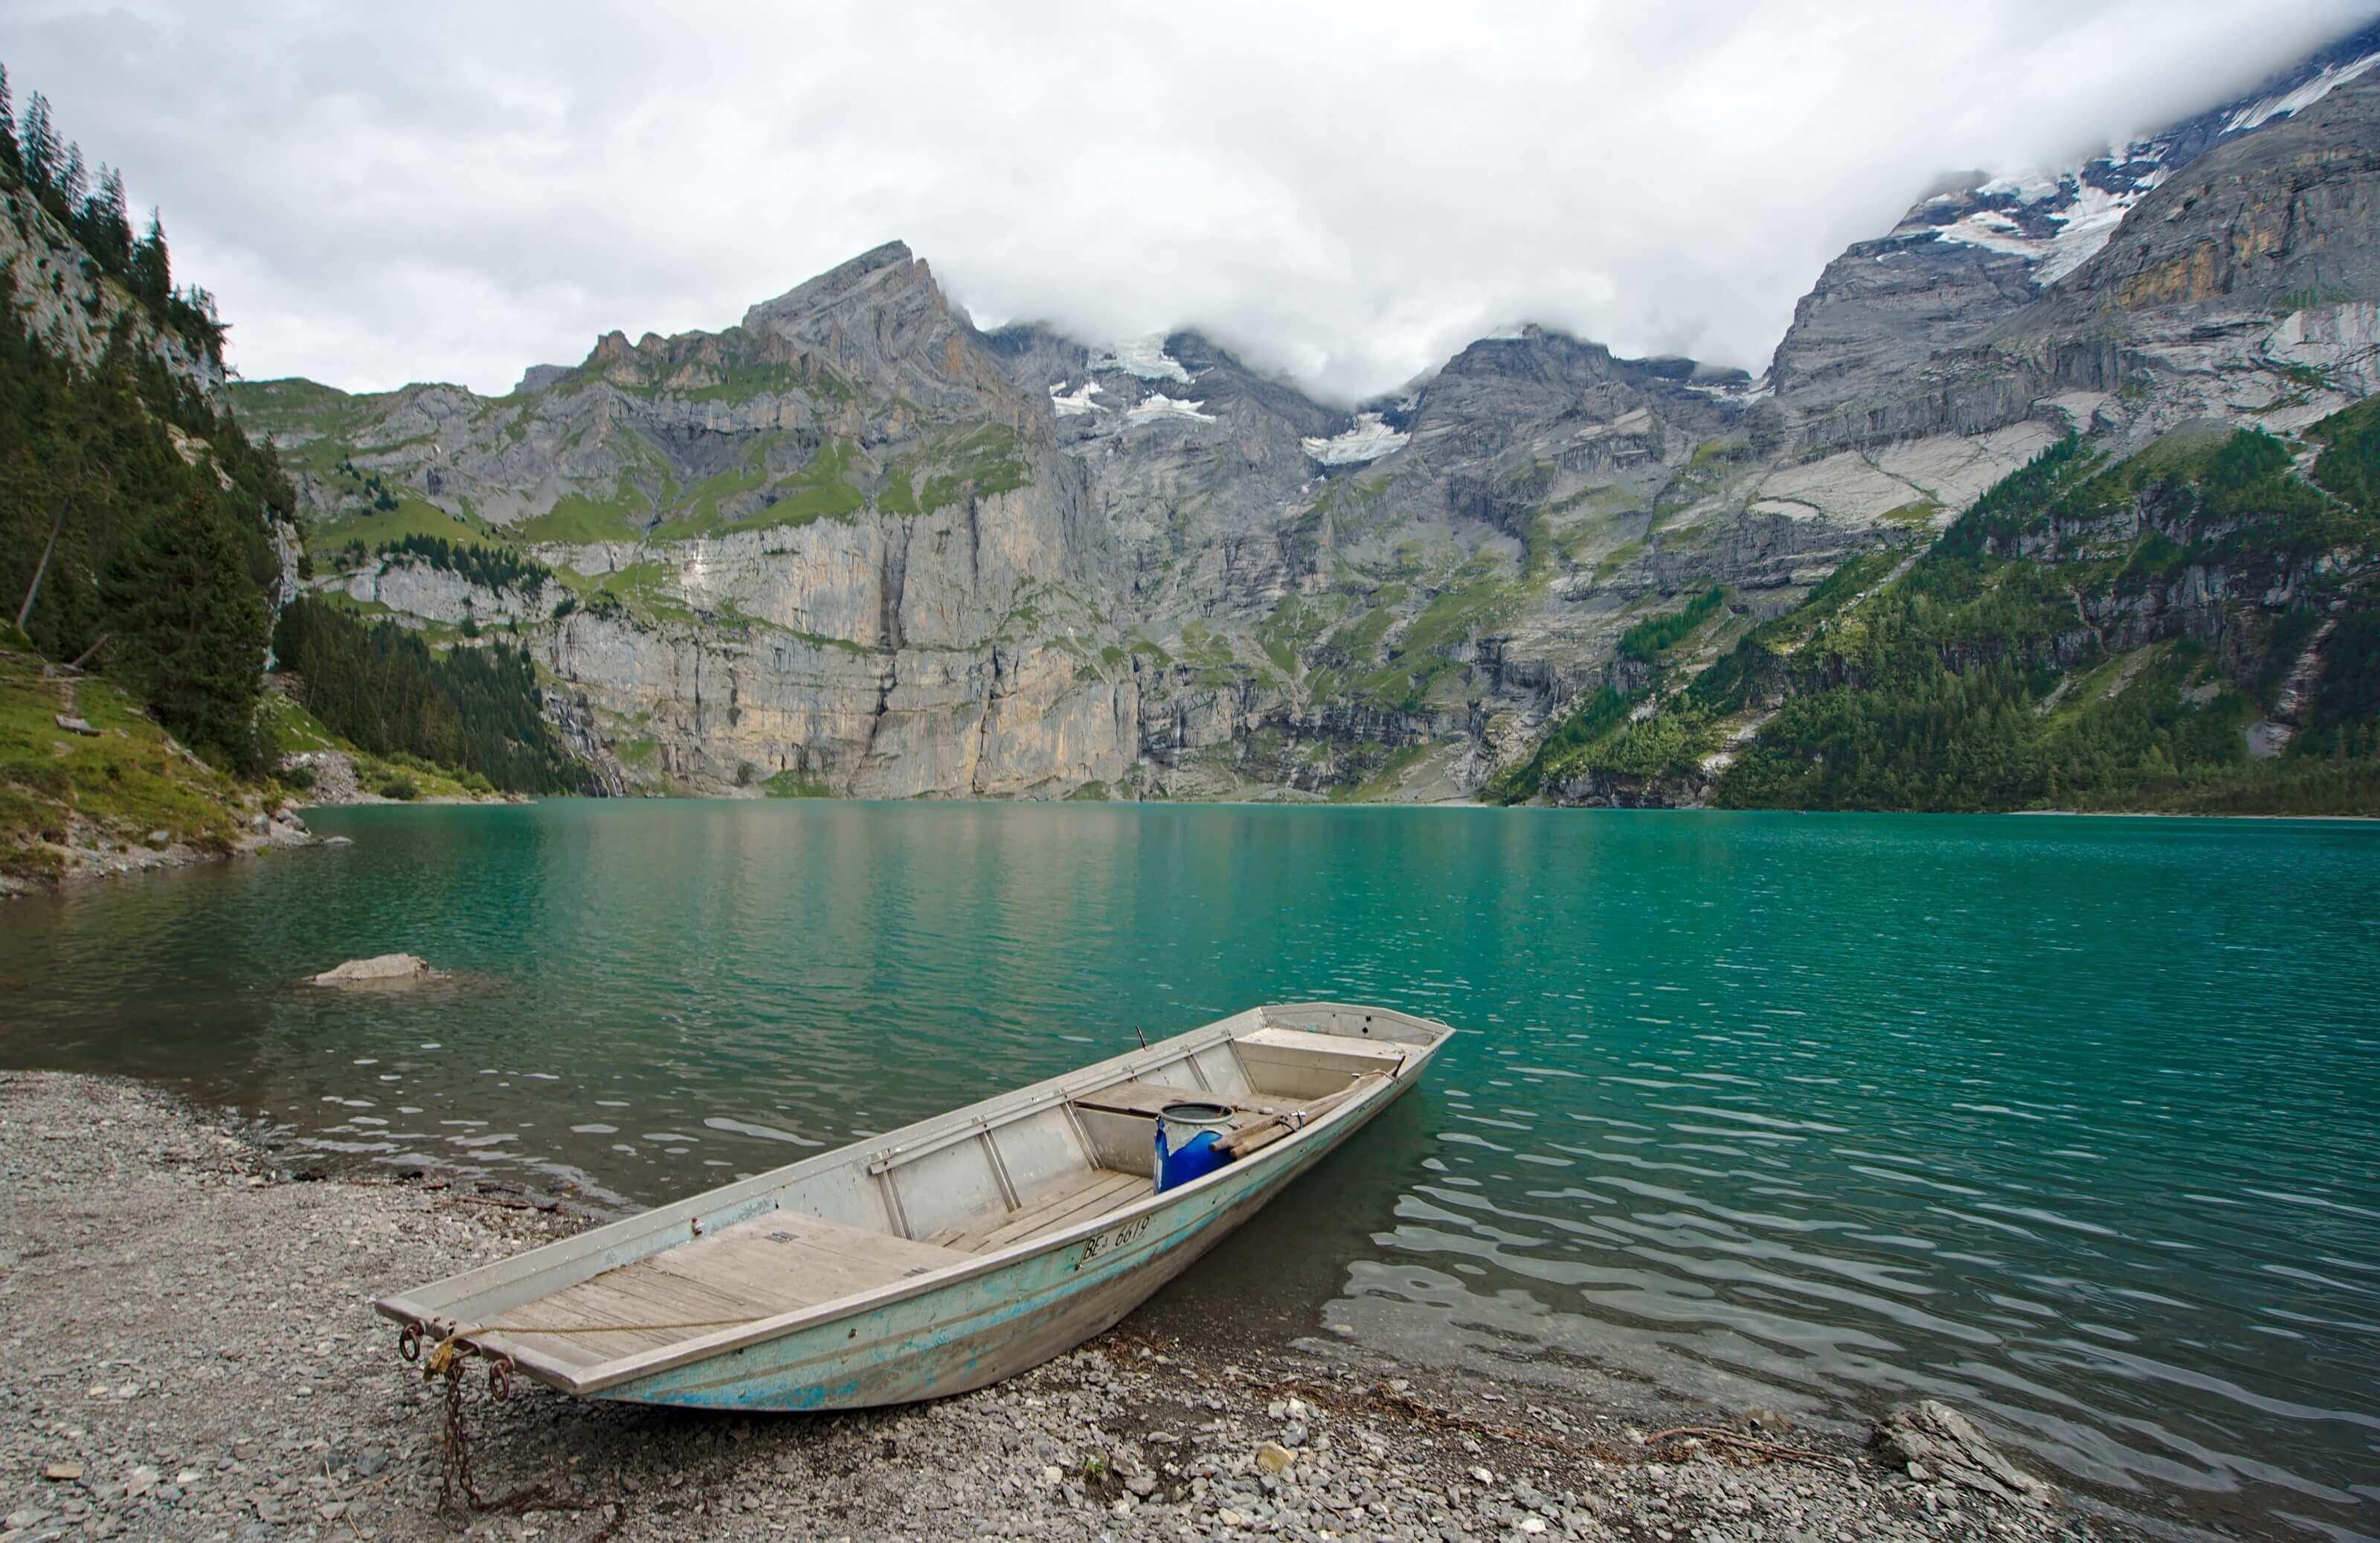 lac d'oeschienen, suisse